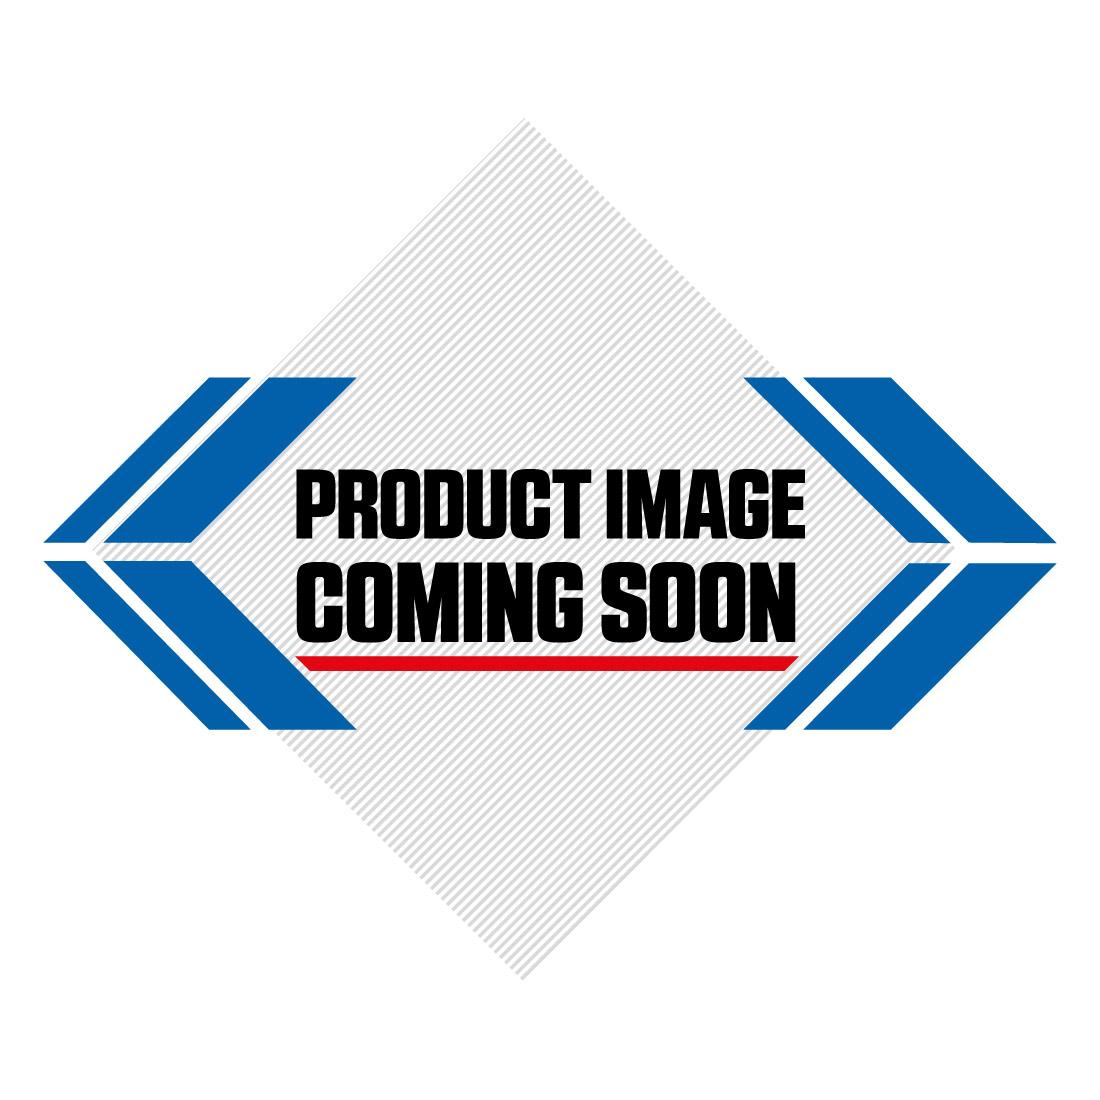 UFO Honda Plastic Kit CRF 110F (19-21) OEM Factory Image-1>